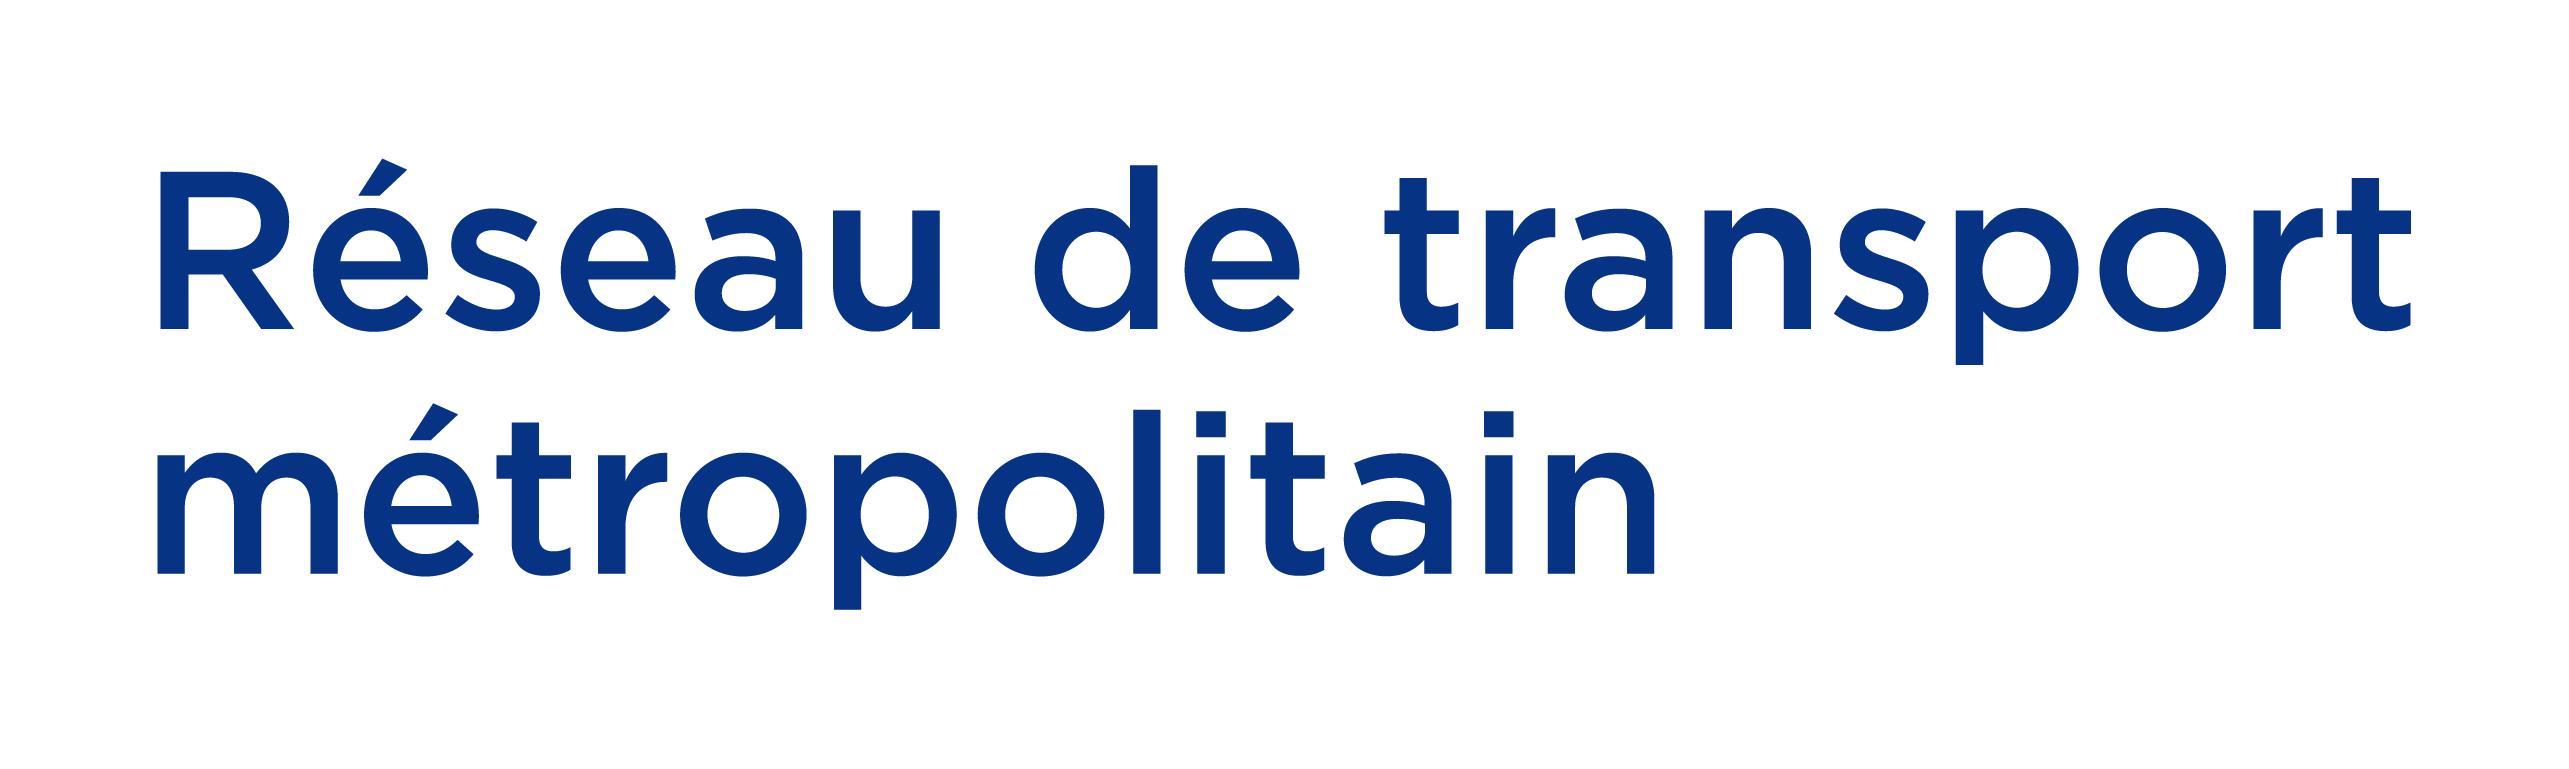 Réseau de transport métropolitain Client-Mystère   Intouch Insight